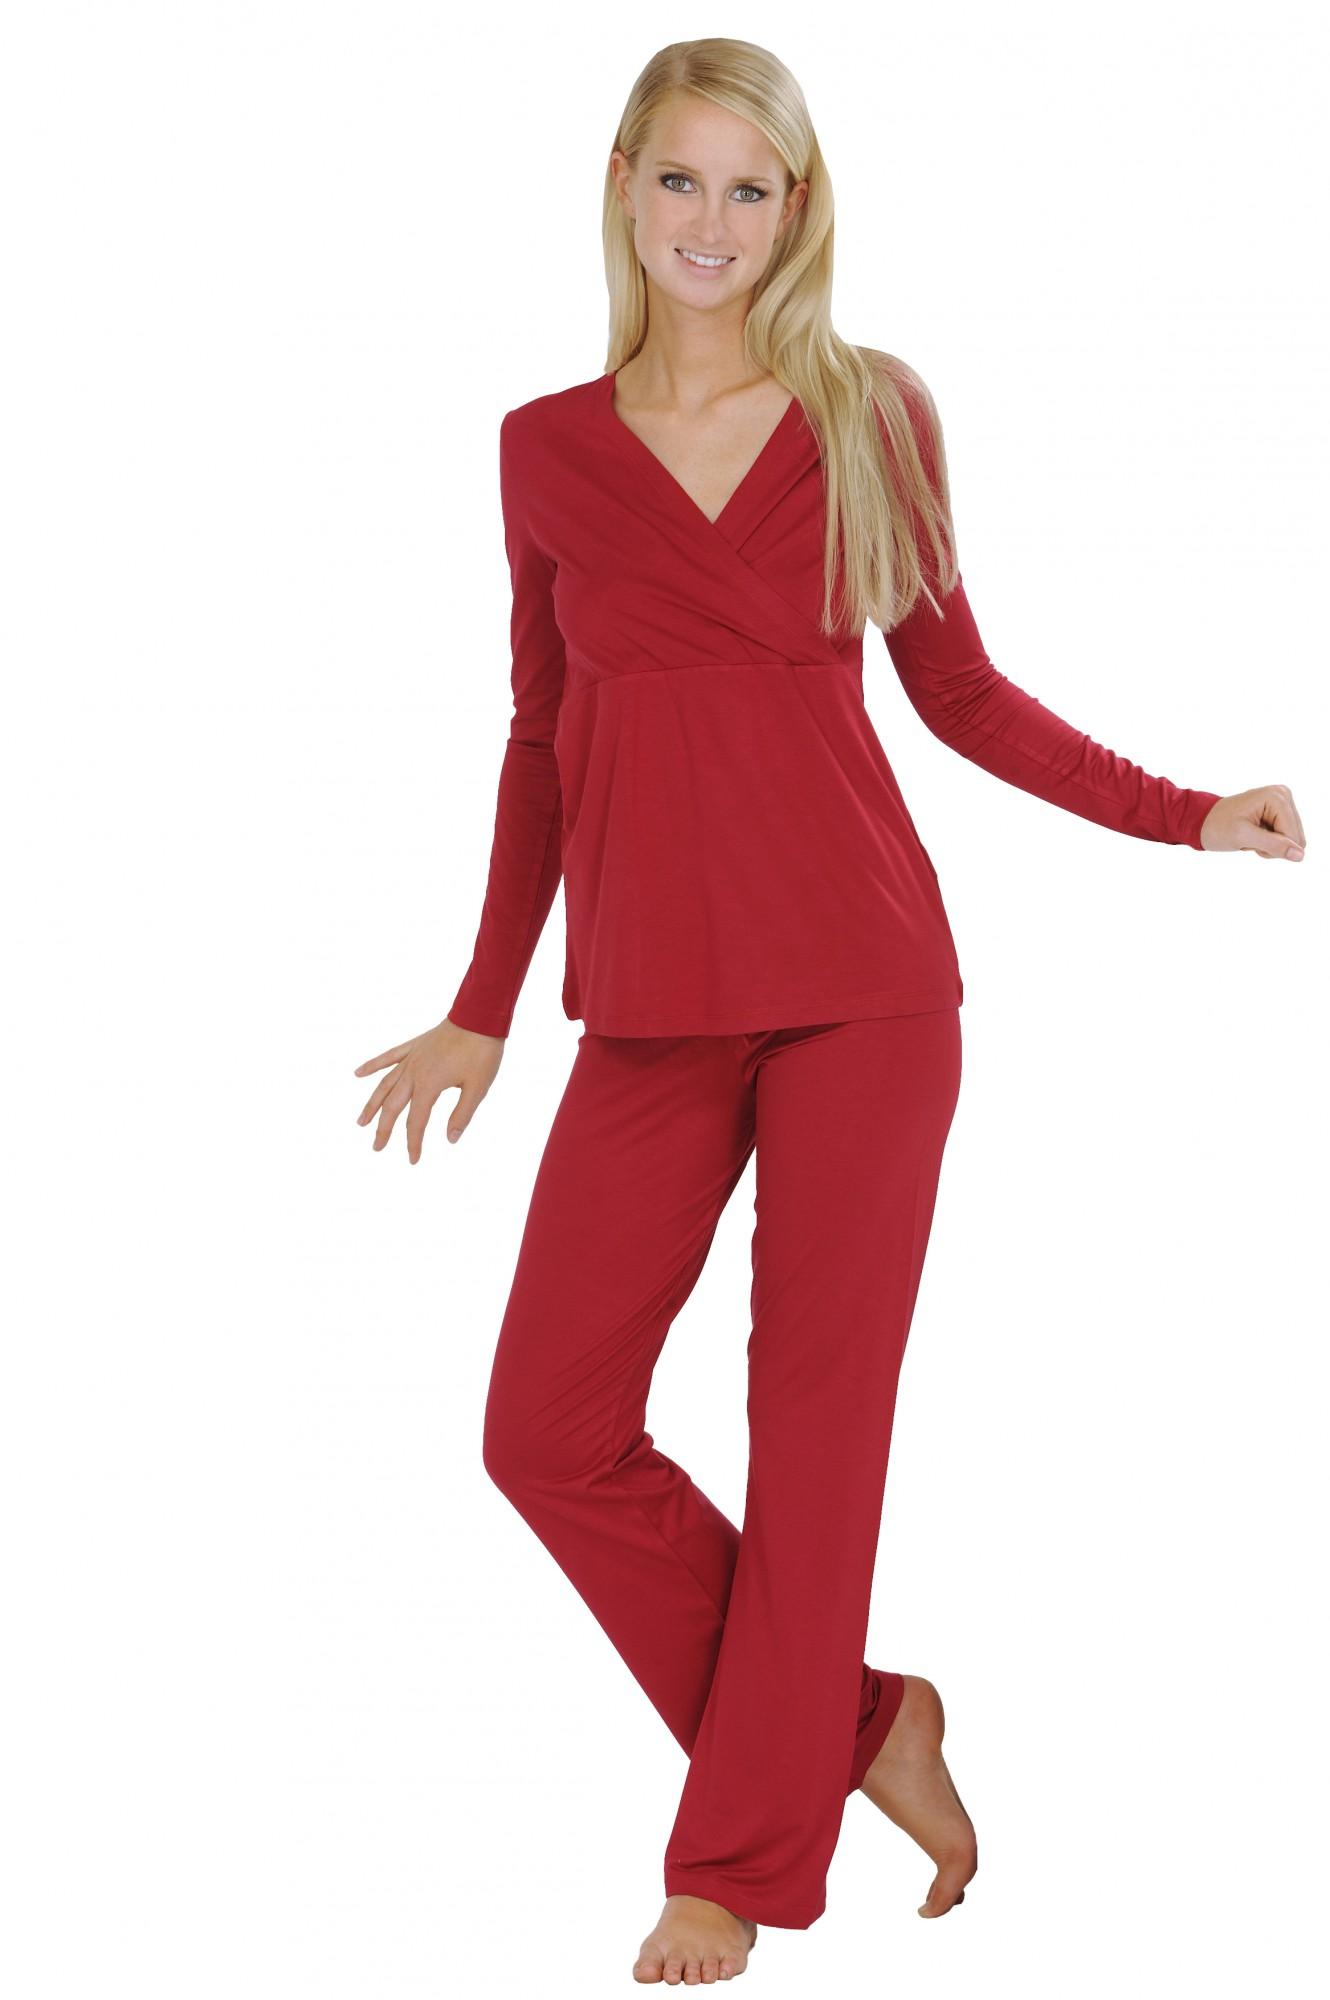 Praktischer Damen Still- und Umstandspyjama 723930 001